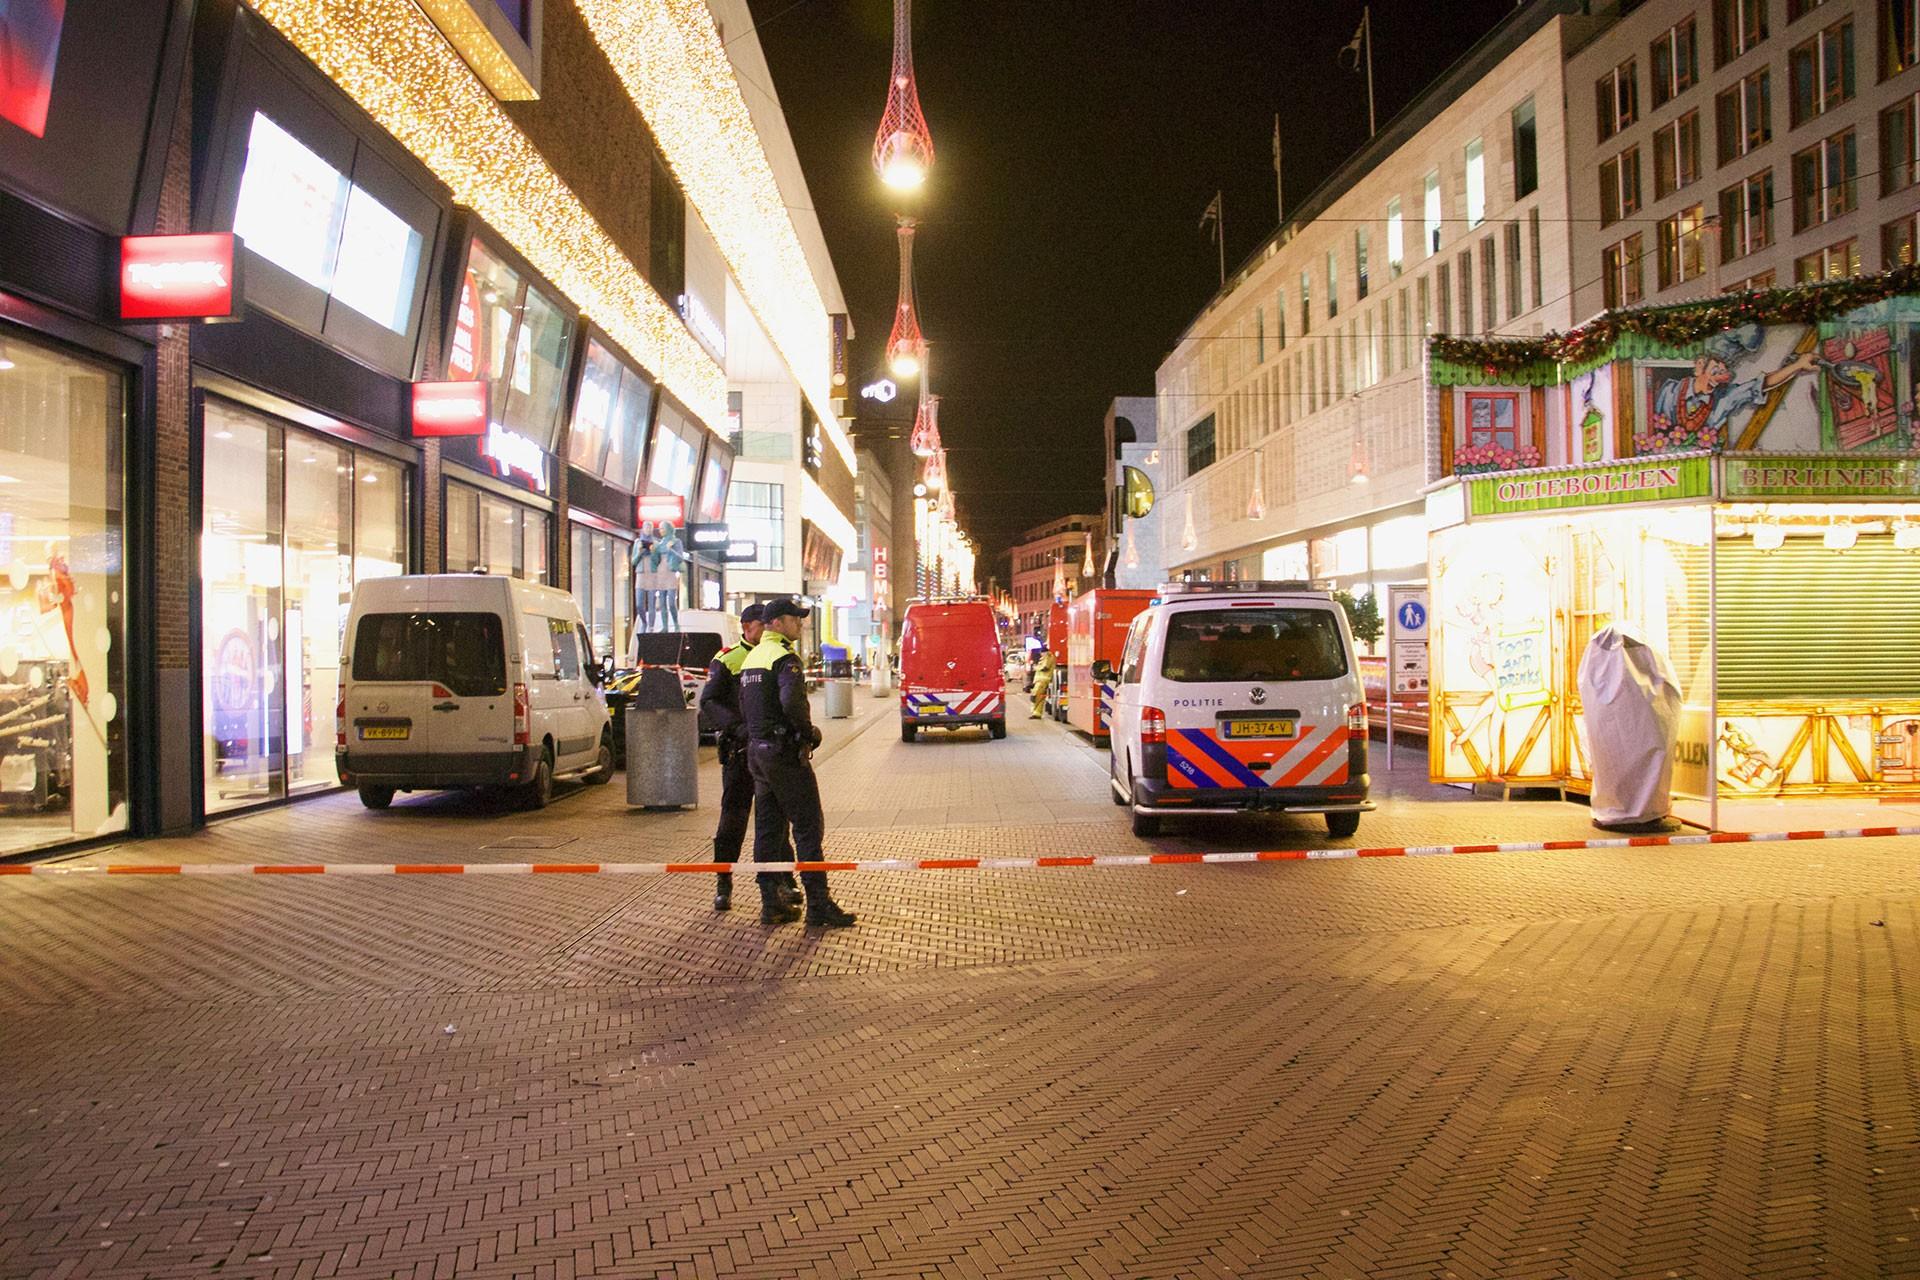 Lahey'deki saldırının gerçekleştiği belirtilen mağazanın etrafı polis tarafından kapatıldı.